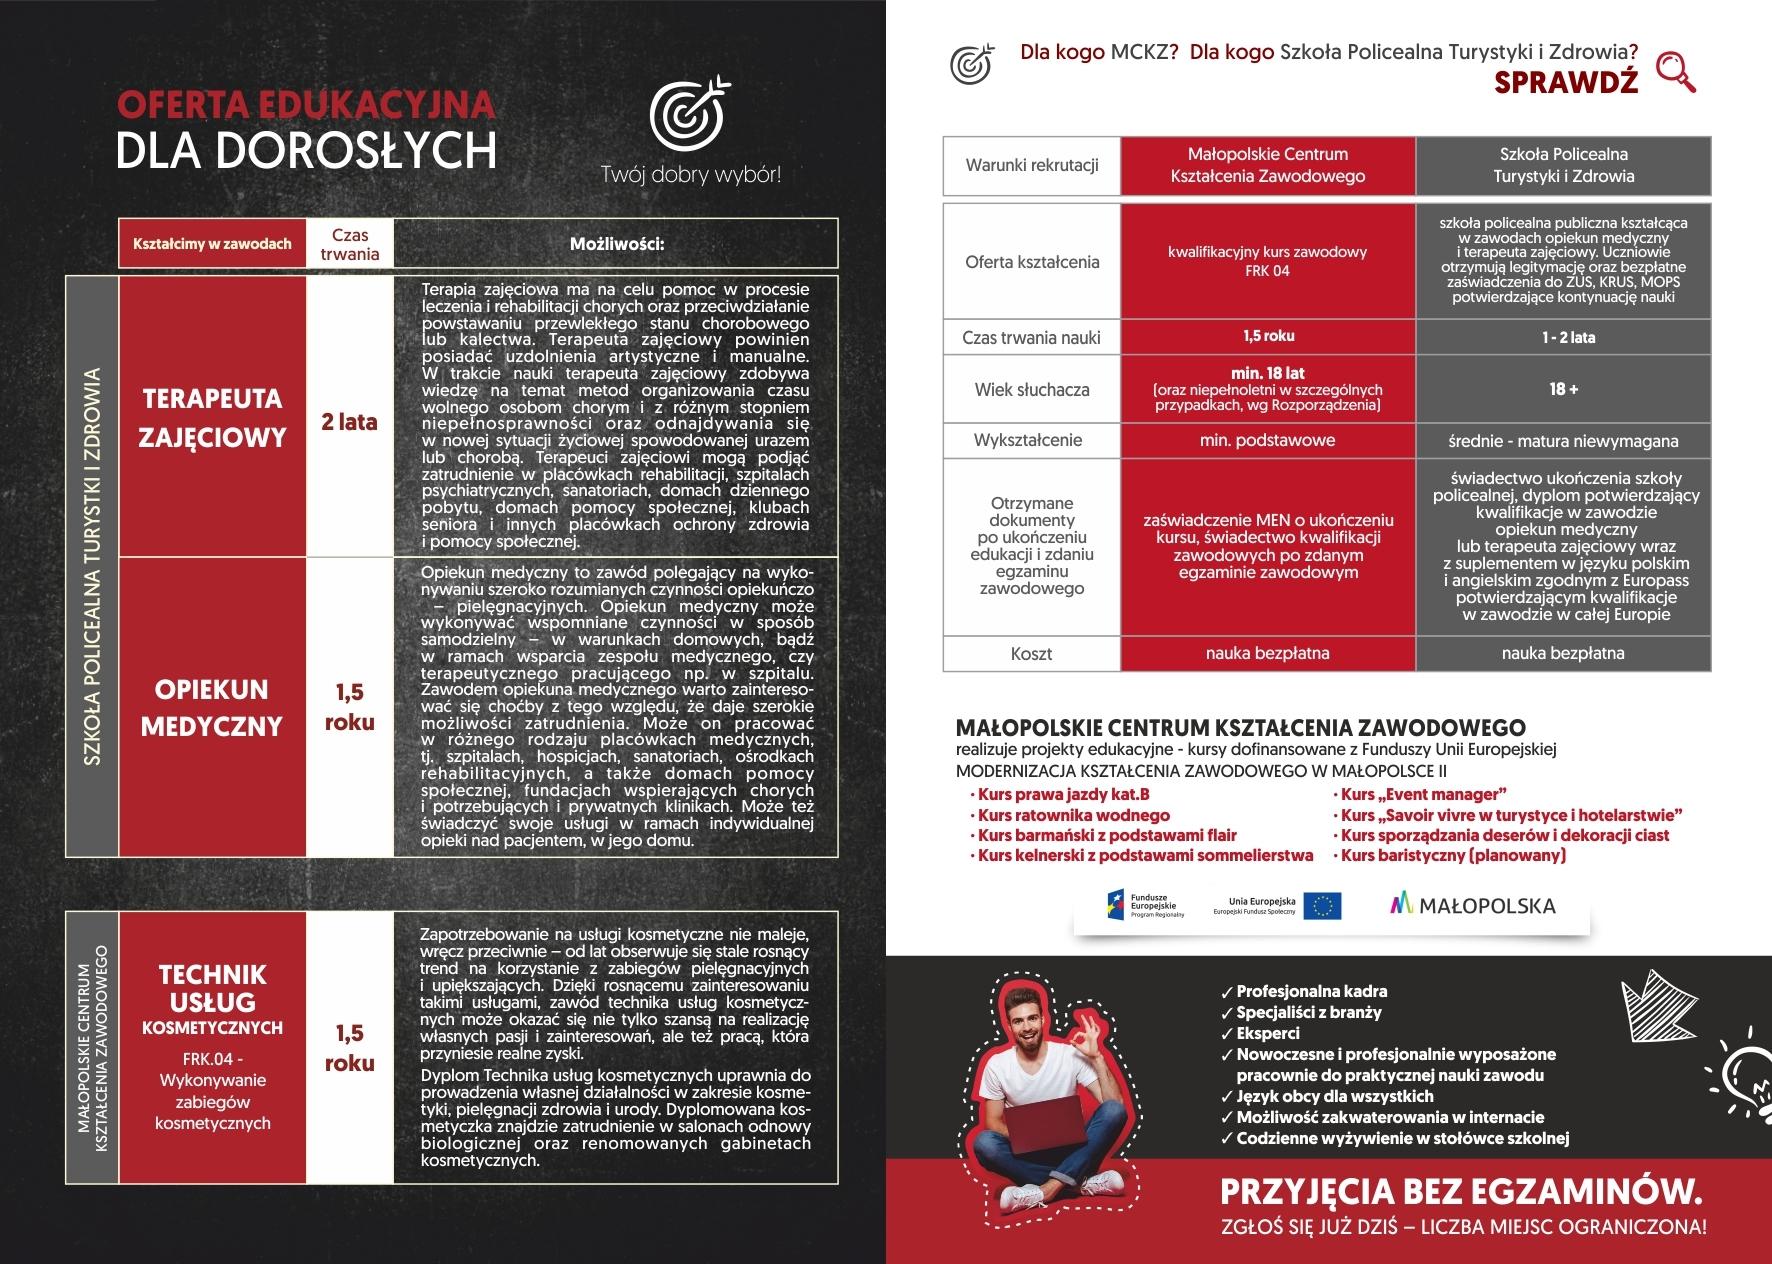 ulotka reklamowa prezentująca ofertę edukacyjną dla dorosłych w kolorach czerwieni, czerni i białego